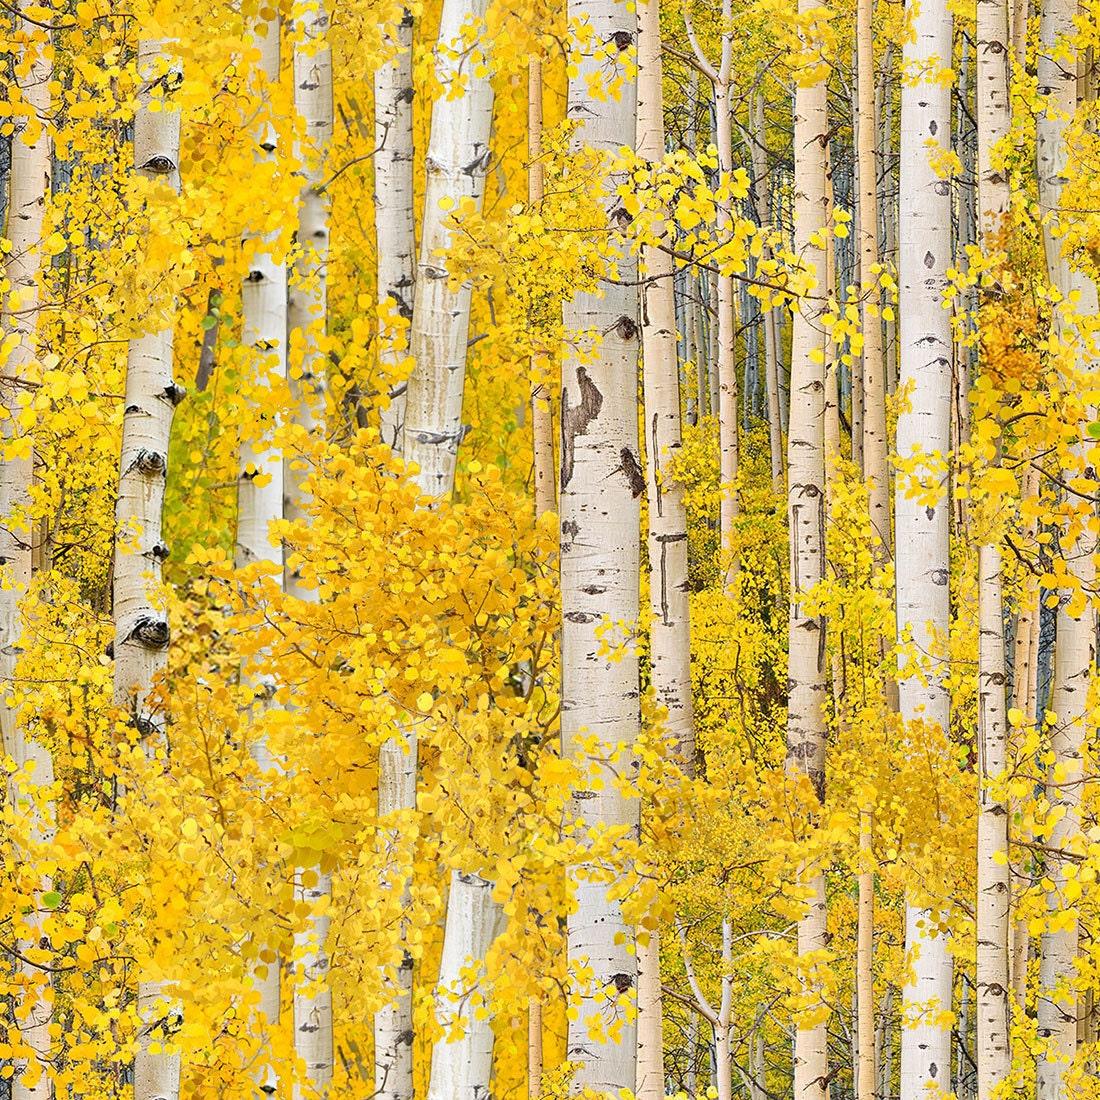 Gold Birch Landscape